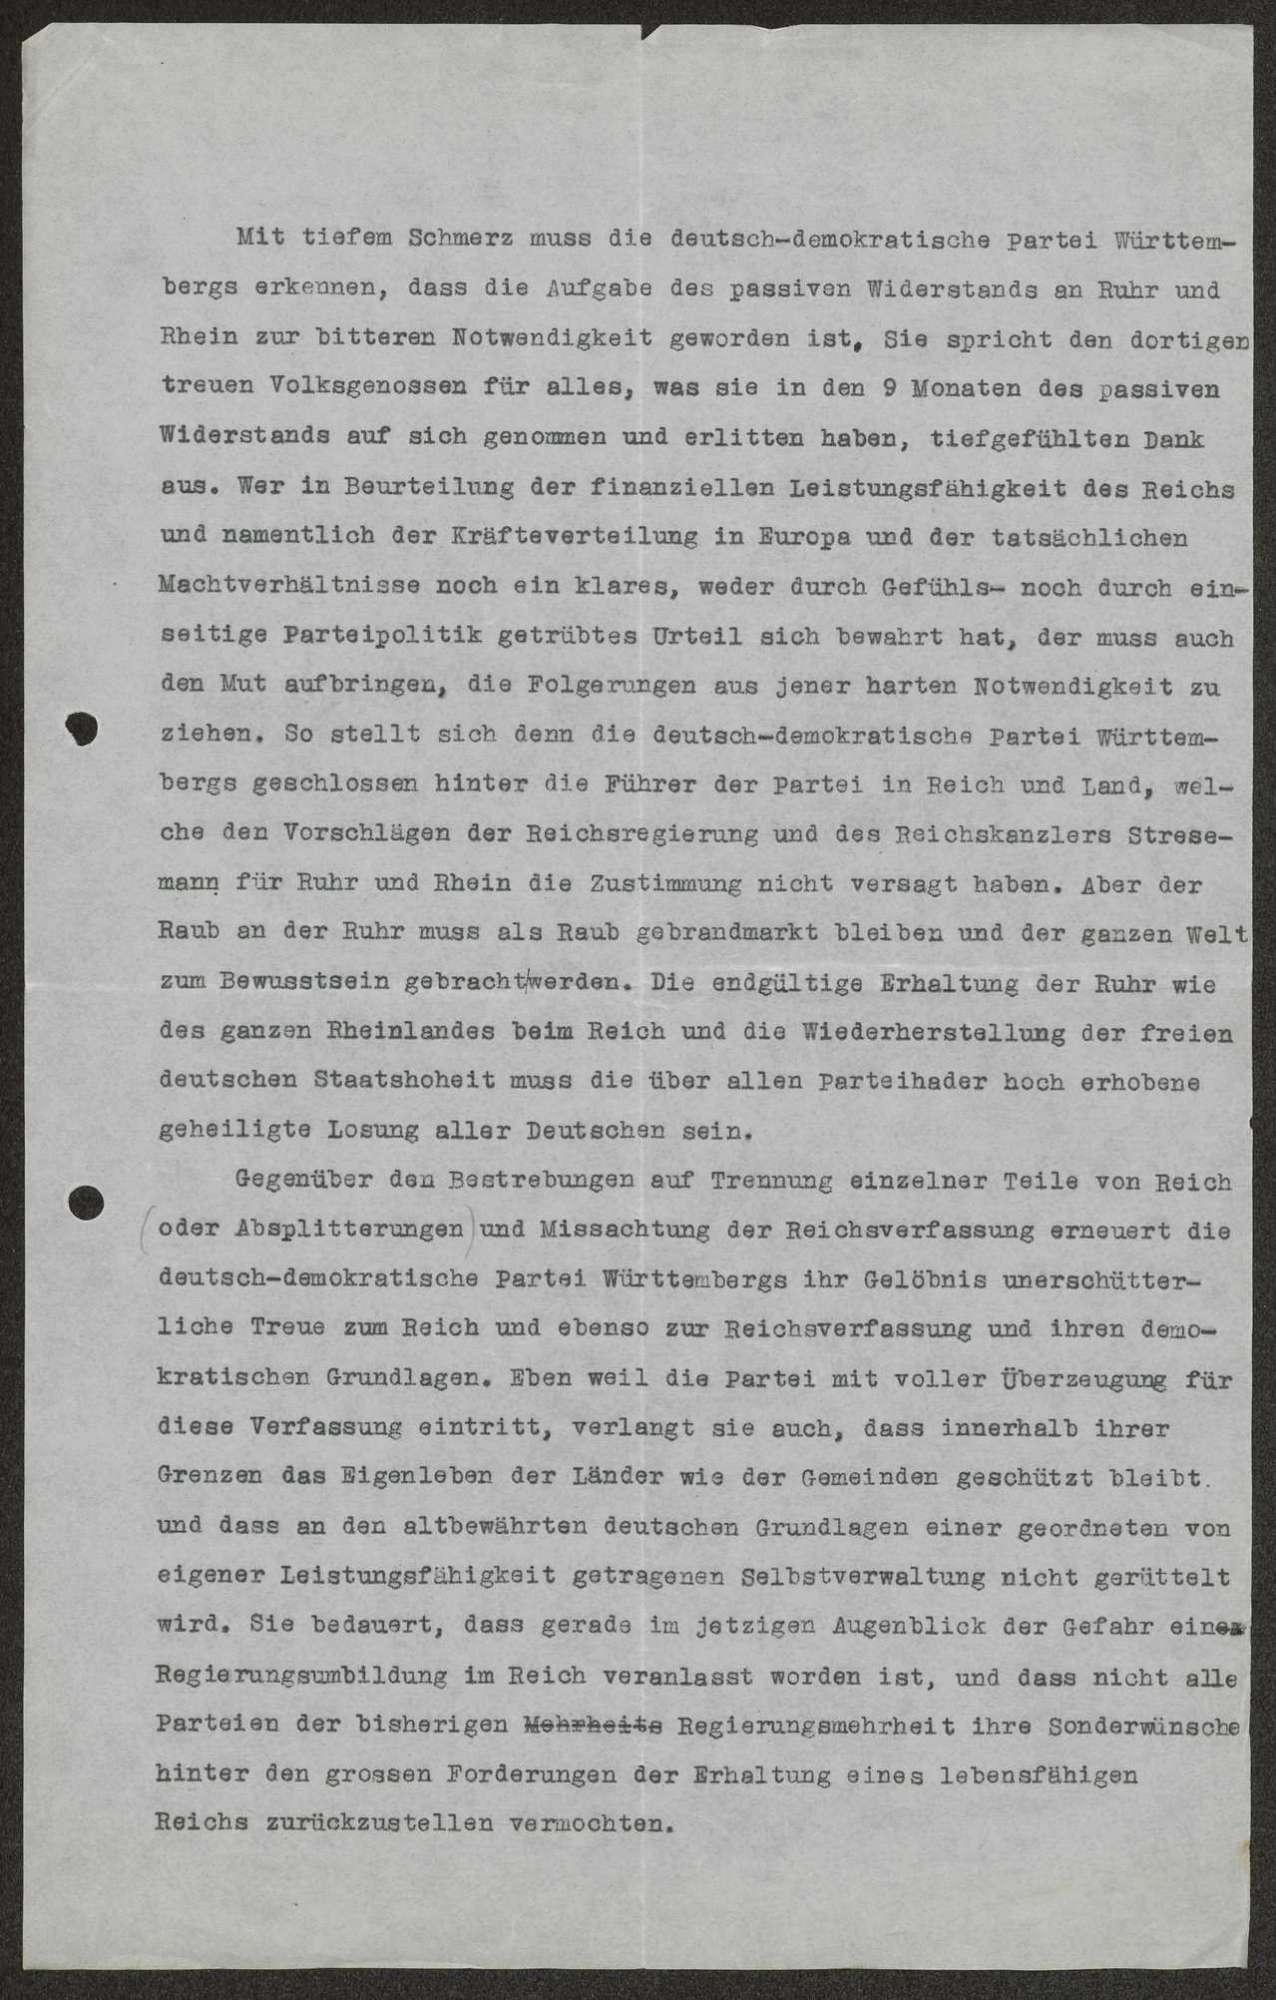 Stellungnahme der DDP zur Aufgabe des passiven Widerstands an Ruhr und Rhein, gezeichnet von Staatspräsident Hieber (mit handschriftlichen Korrekturen Schalls),, Bild 1